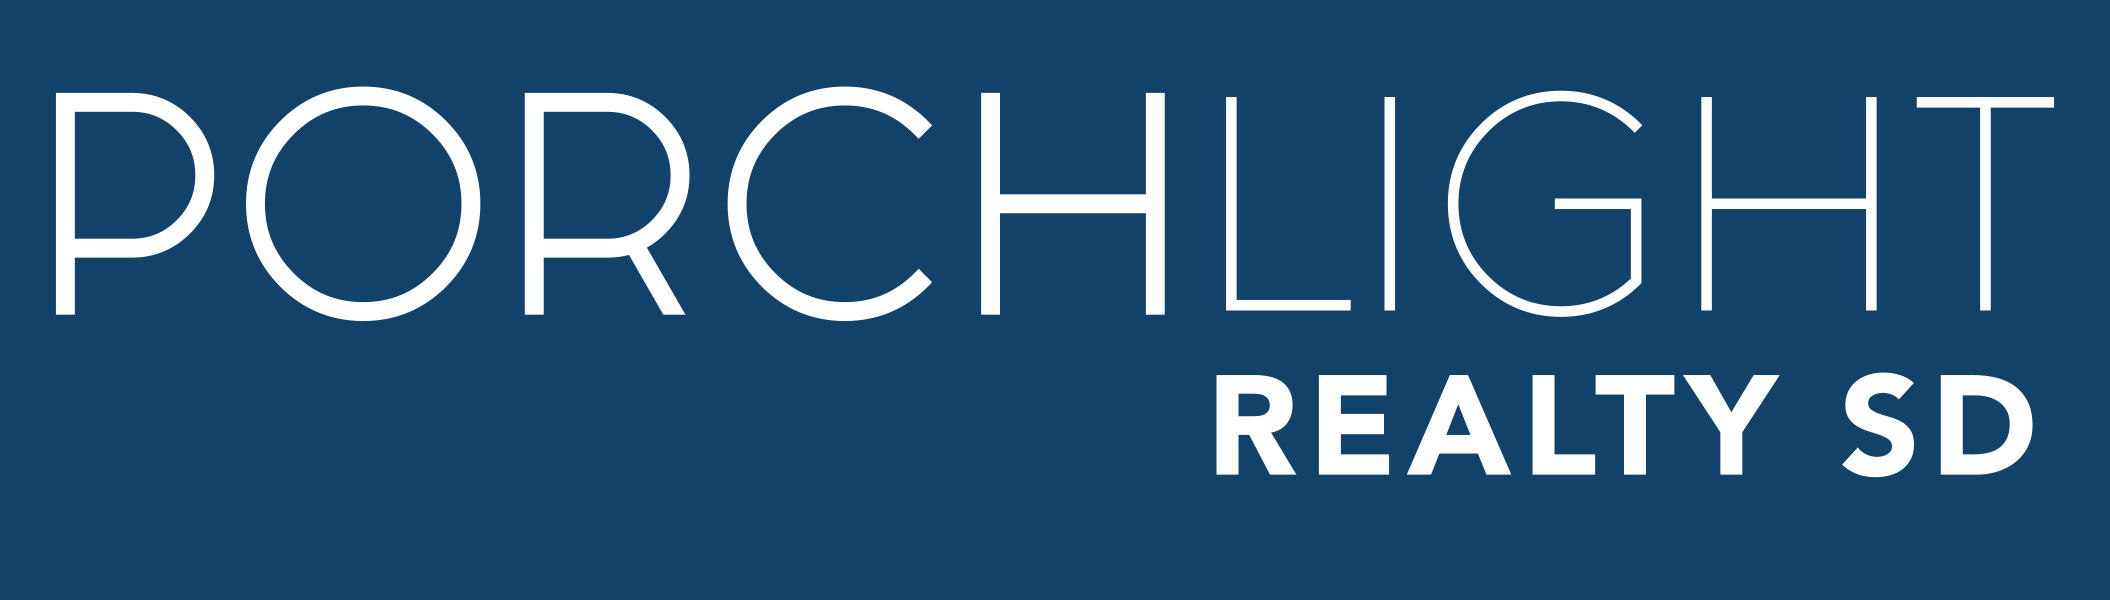 PorchLight Realty SD logo